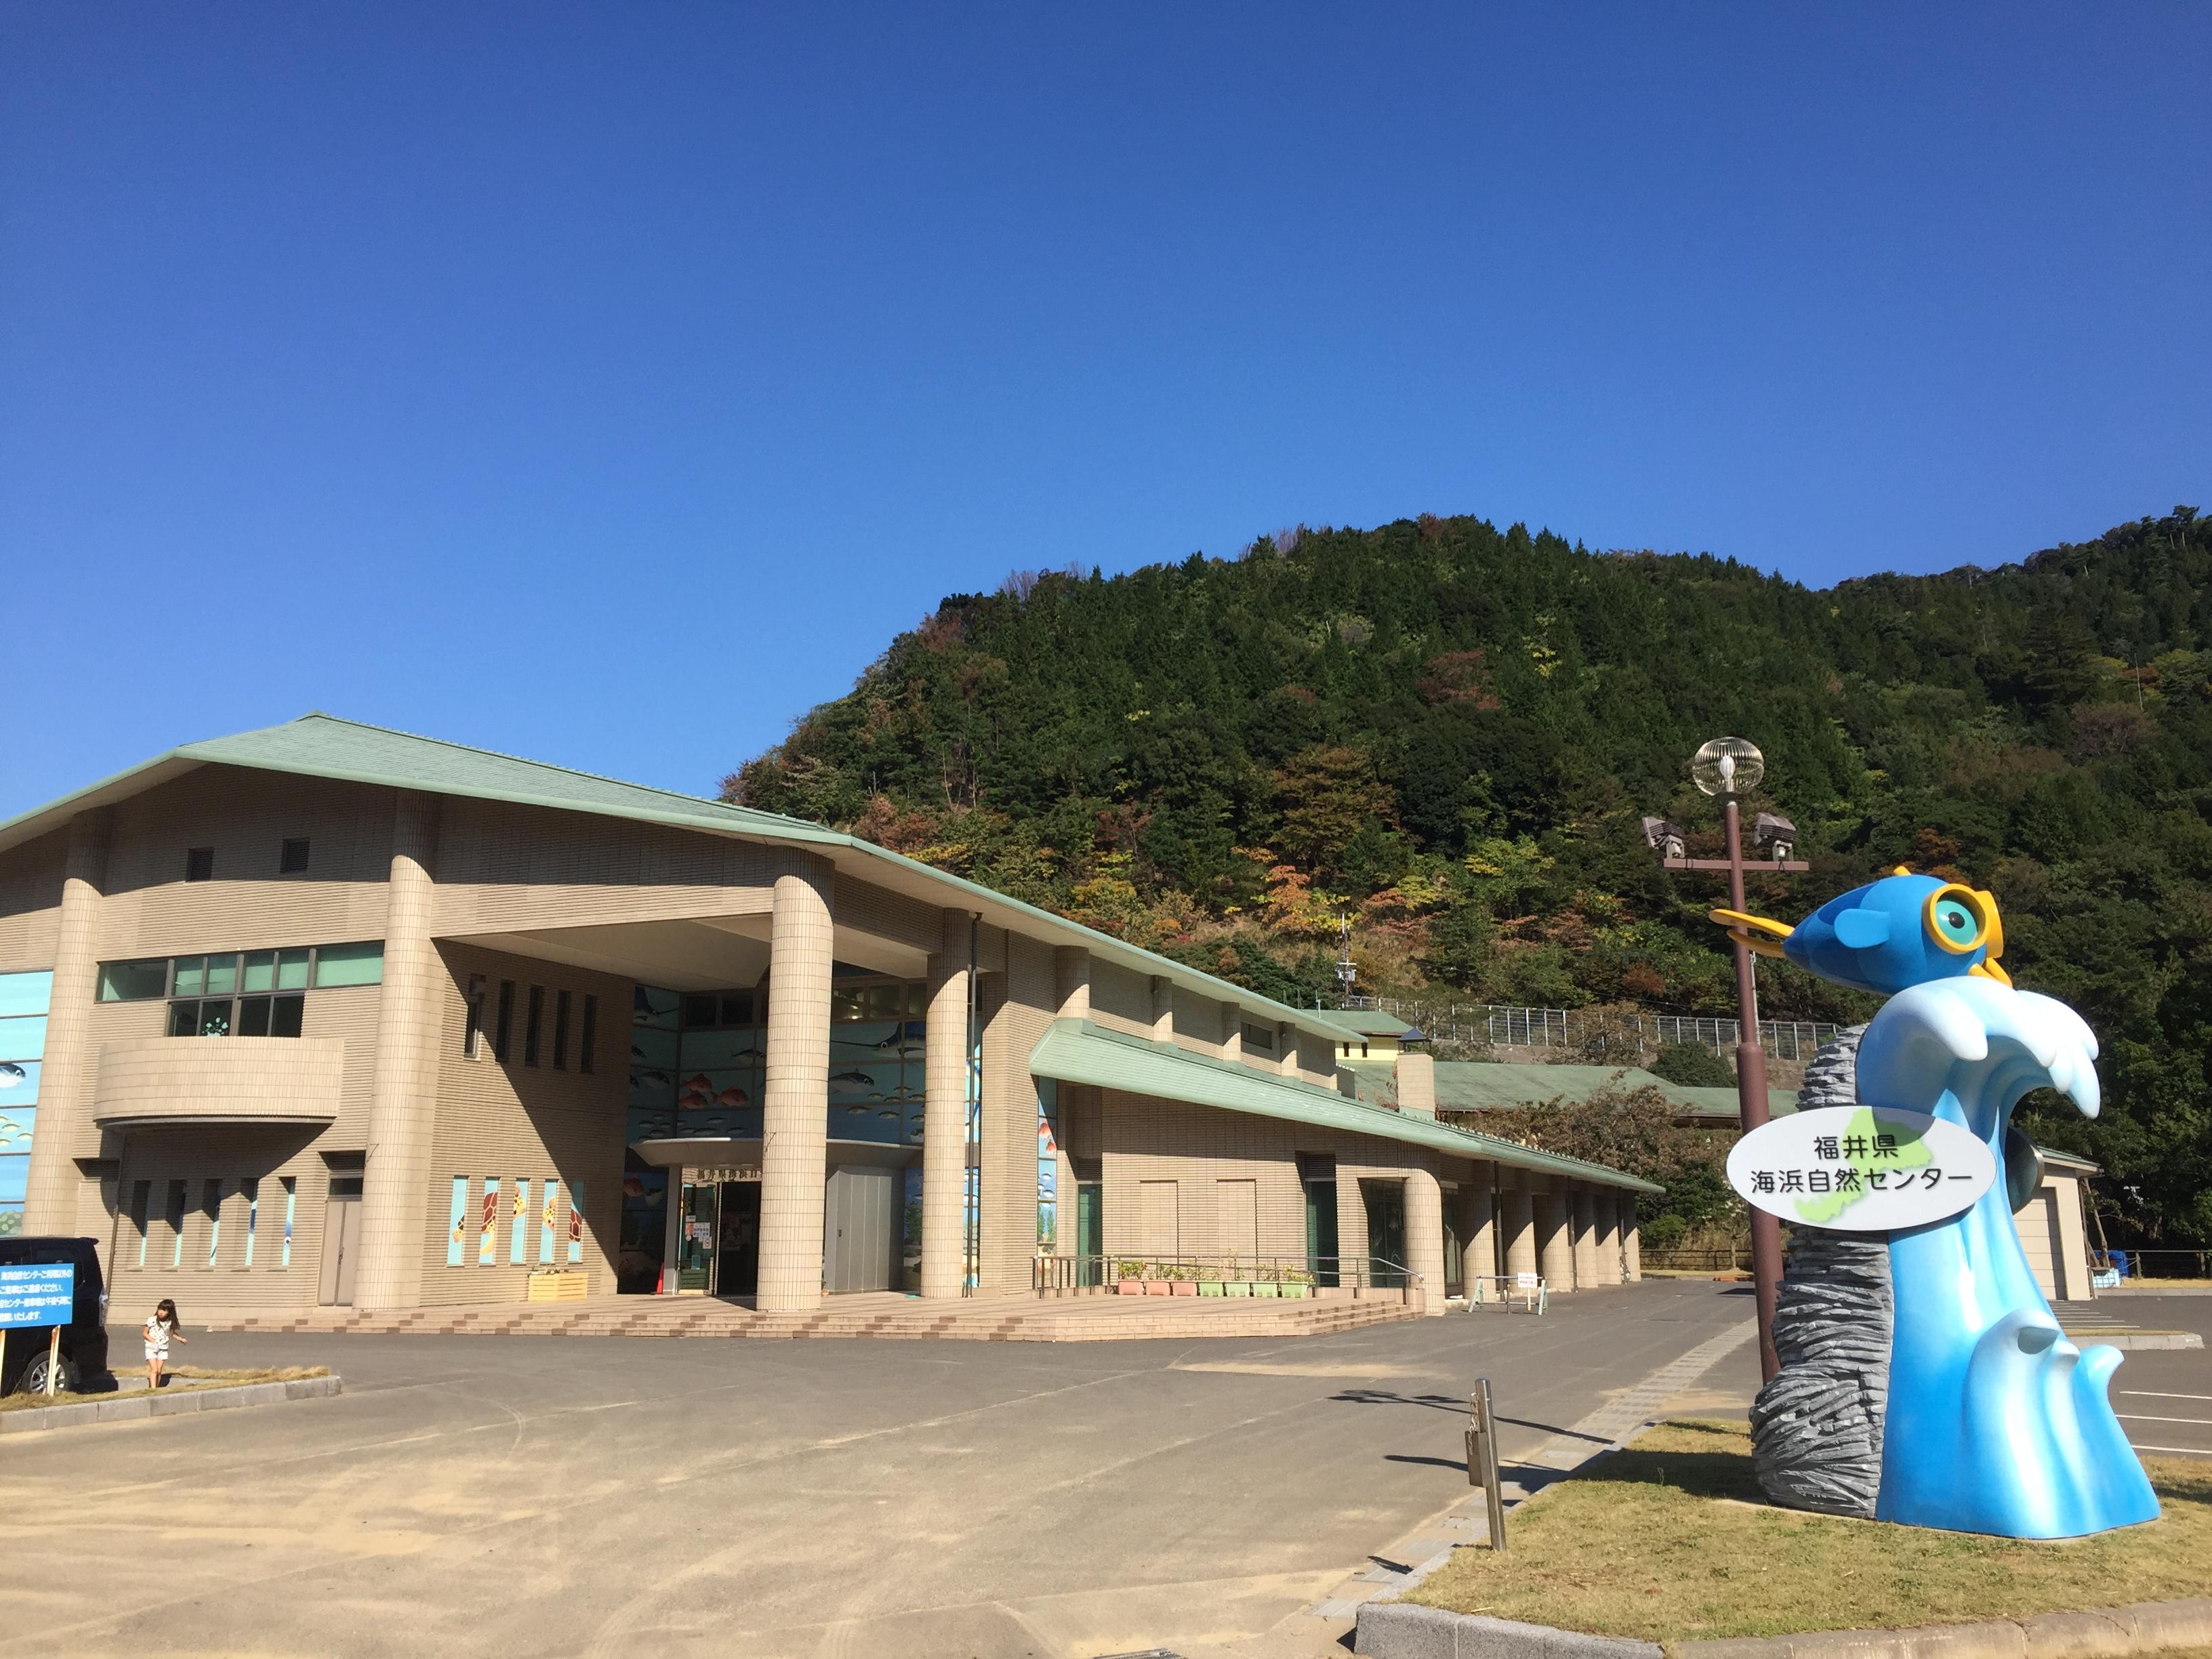 福井県海浜自然センターで子どもと遊び方!